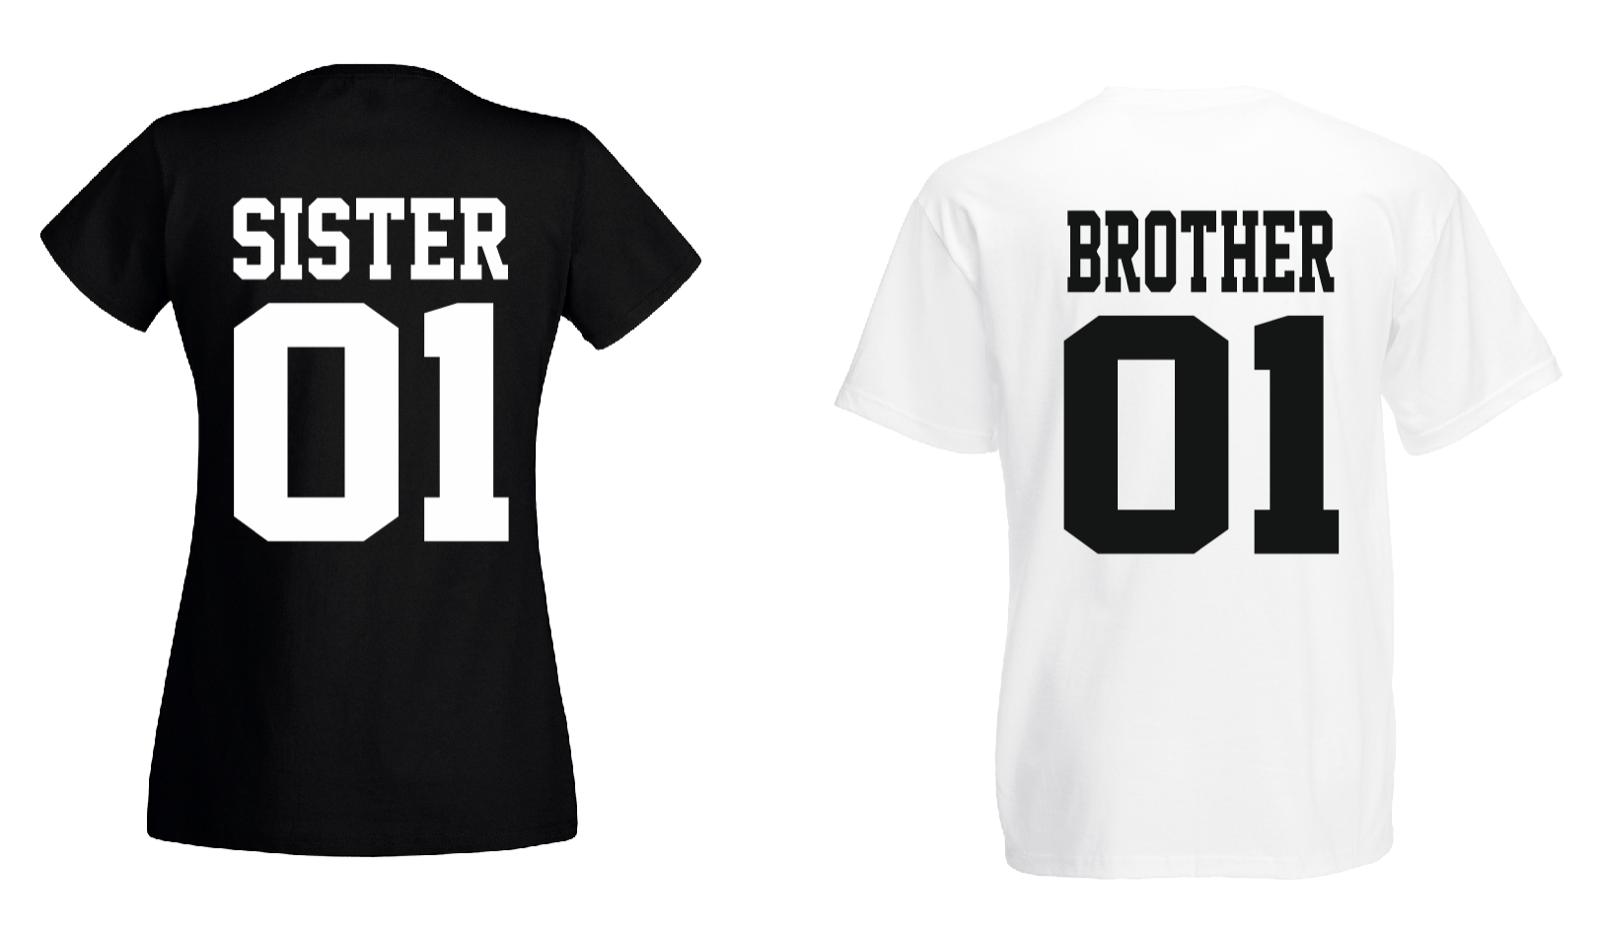 Brother & Sister - T Shirt Set - Geschwister Beste Freunde Bruder - DOPPELPACK - 2